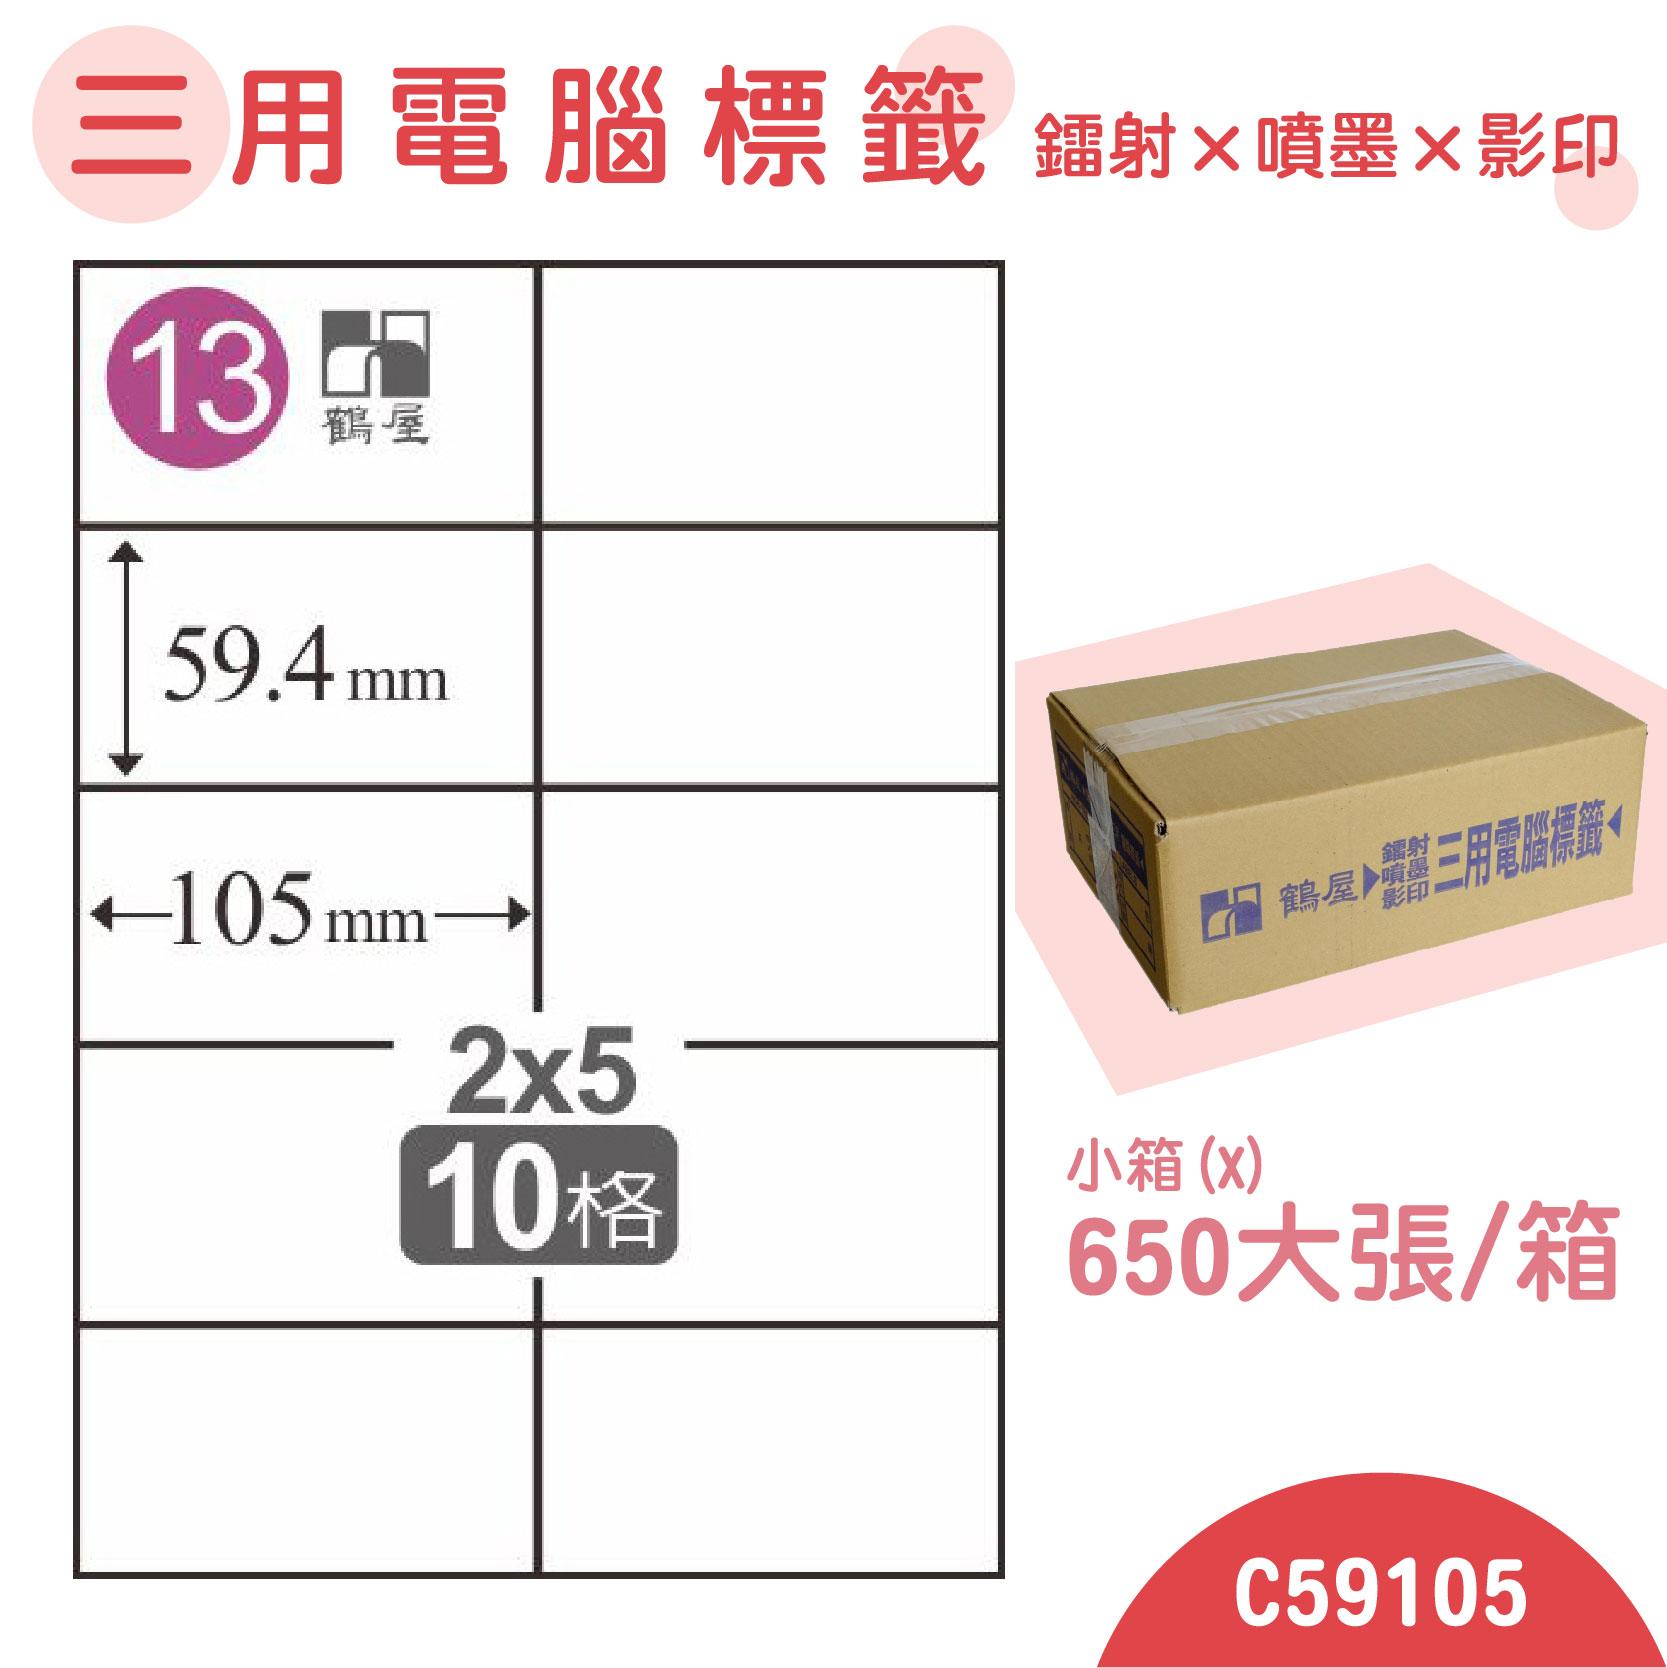 電腦標籤紙(鶴屋) 白色 C59105 10格 650大張/小箱 影印 雷射 噴墨 三用 標籤 貼紙 信封 光碟標籤